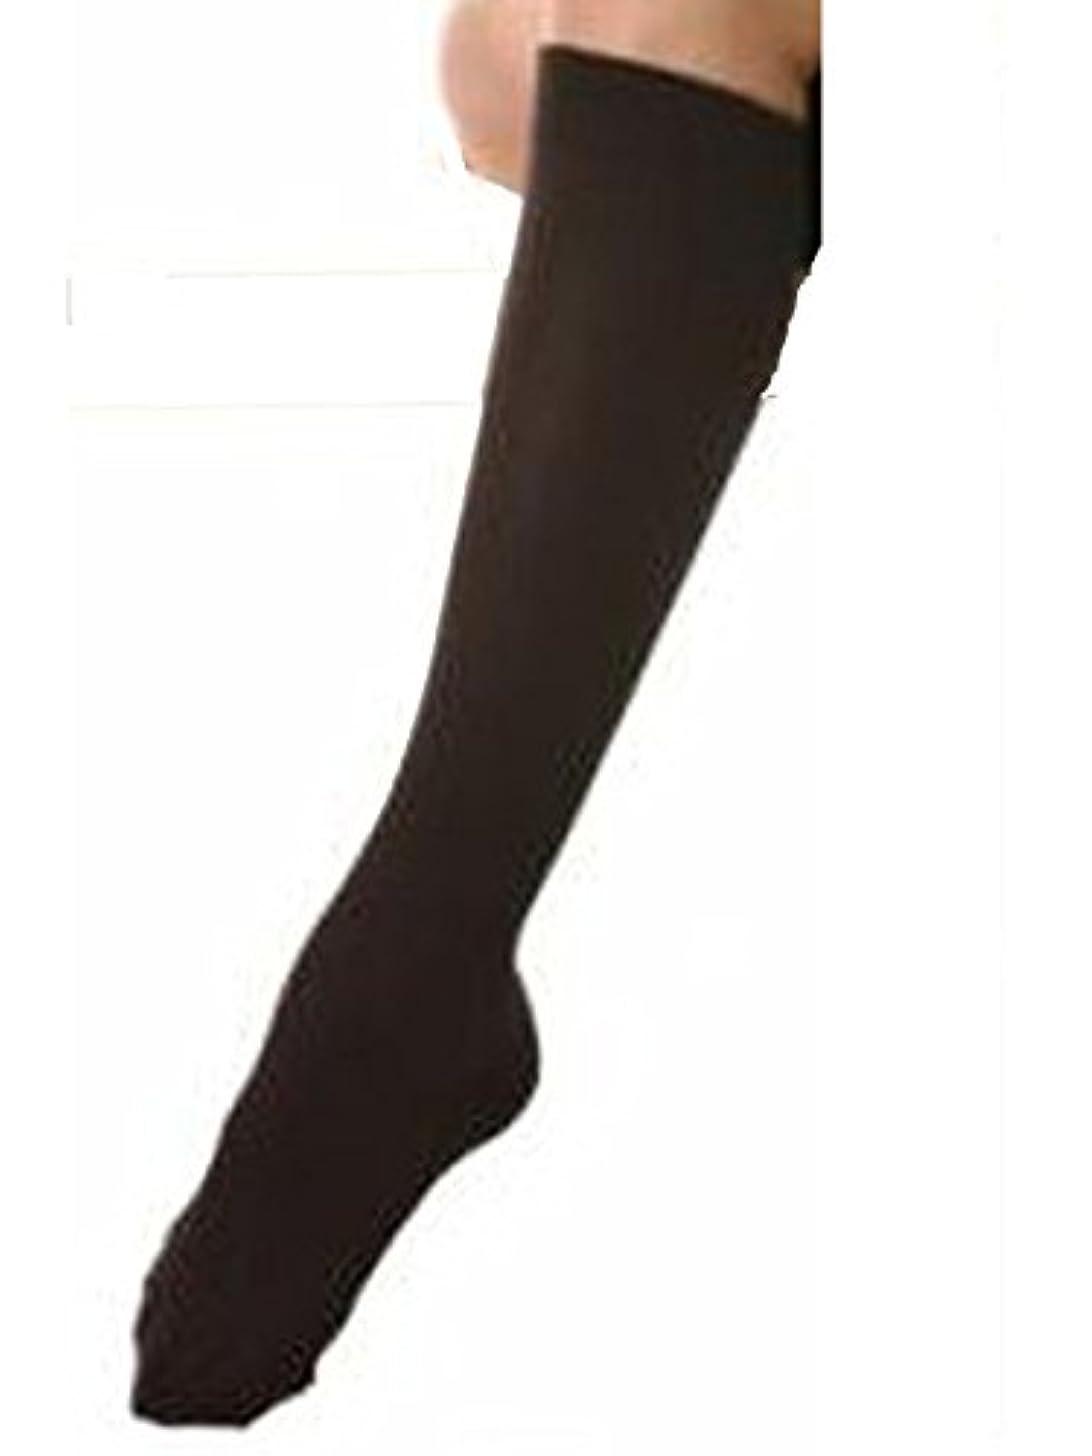 息苦しいフロンティアショートBiBi GRANT ビビ?グラント アティーボ?ハイソックス(同色同サイズ2足セット)男女兼用 (S(22~24cm), ショコラブラウン)